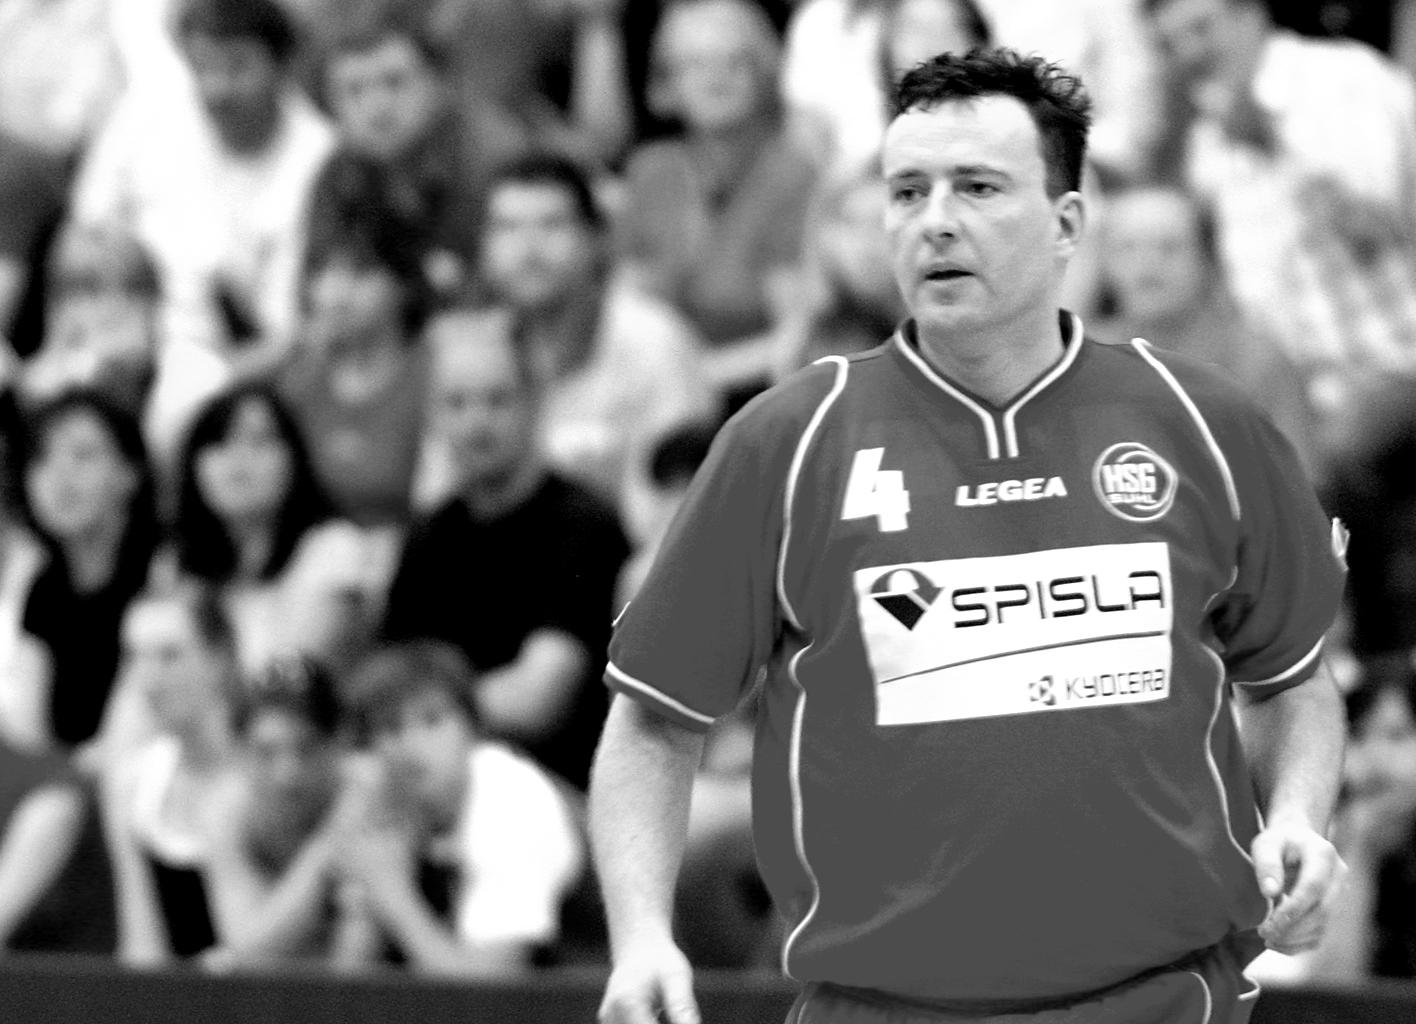 Abschiednahme: HSG Suhl lädt zur öffentlichen Gedenkstunde zu Ehren Michael Schumacher